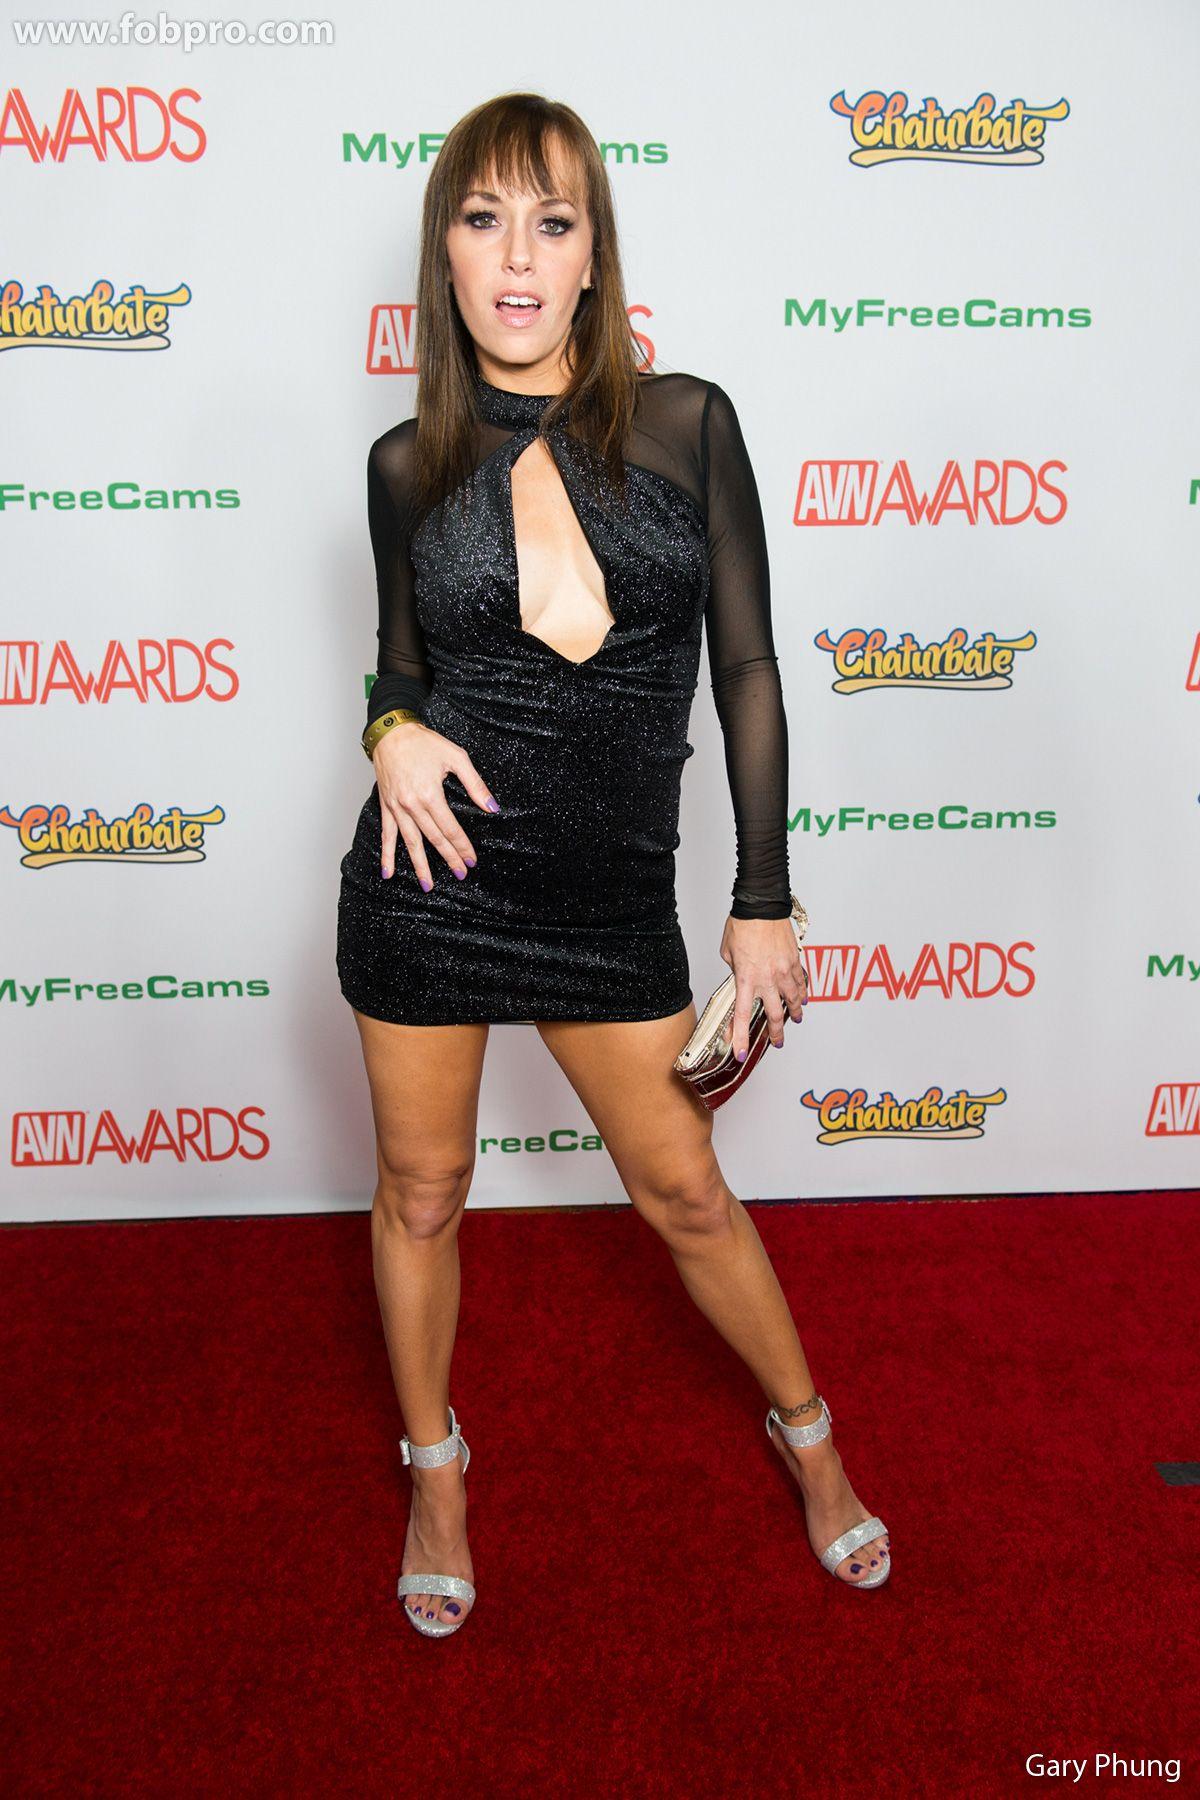 Alana Cruise naked 945